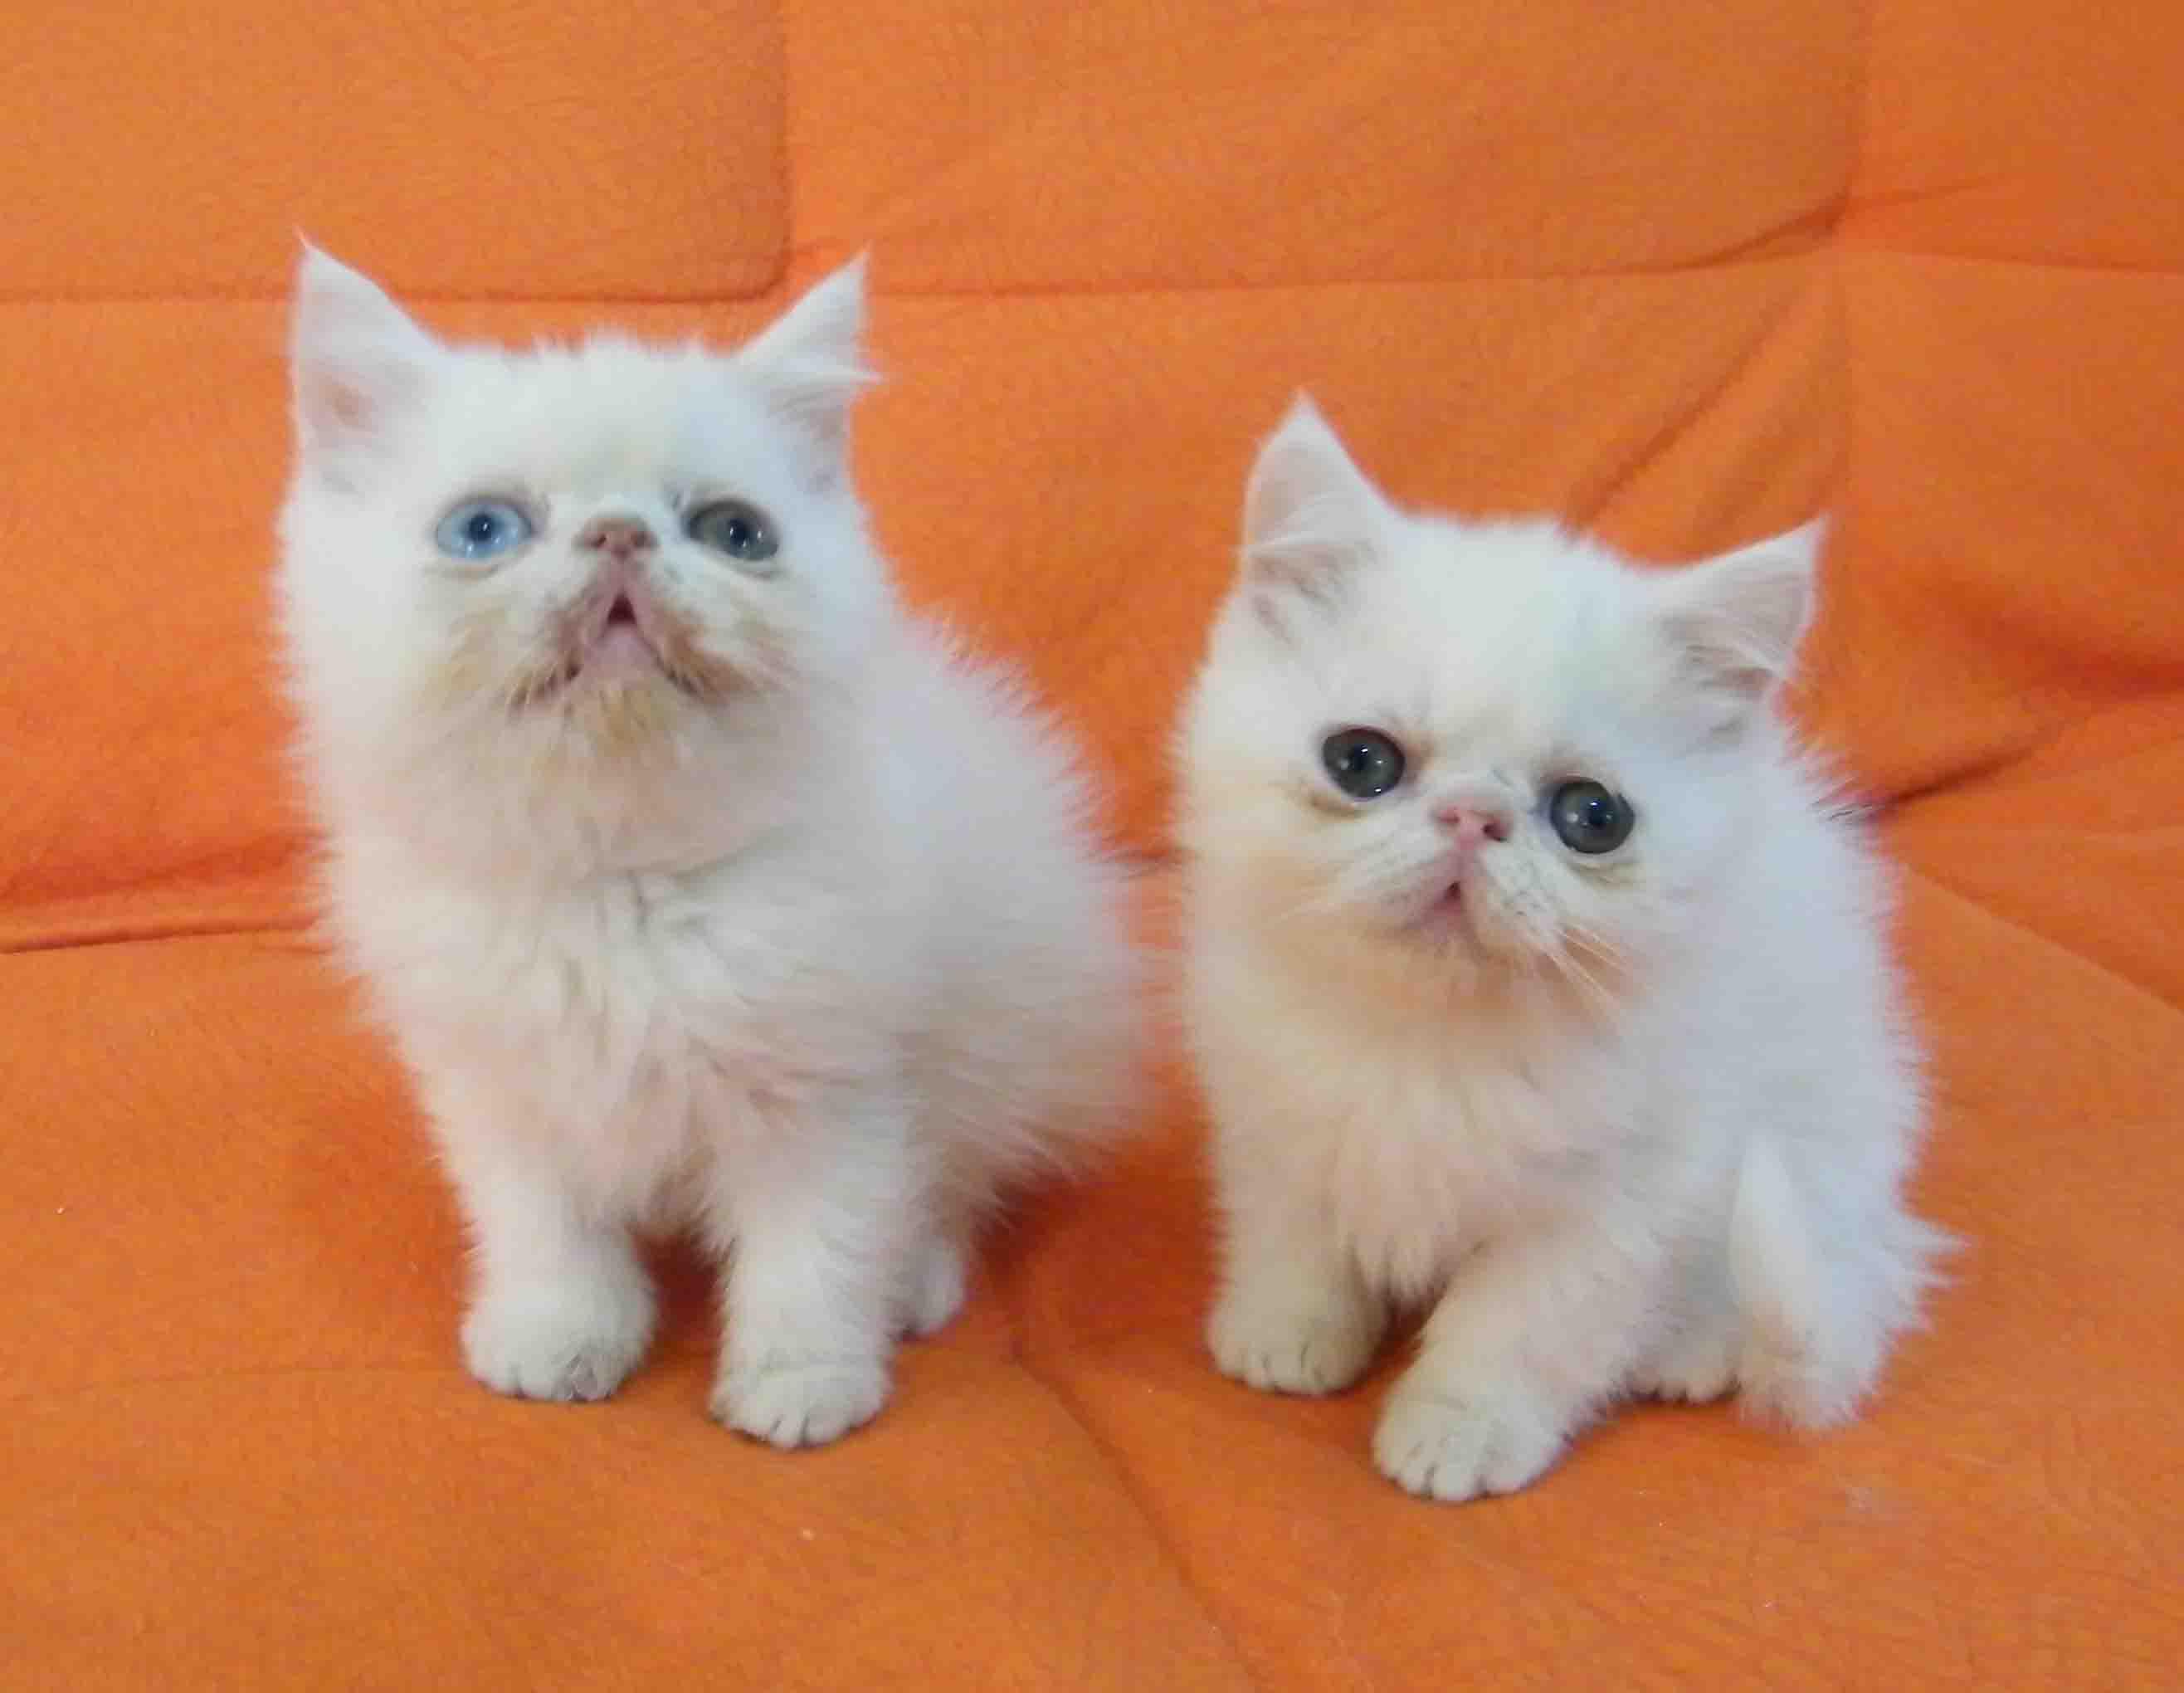 > 加菲猫,英国短毛猫,美国短毛猫1至2个月好可爱